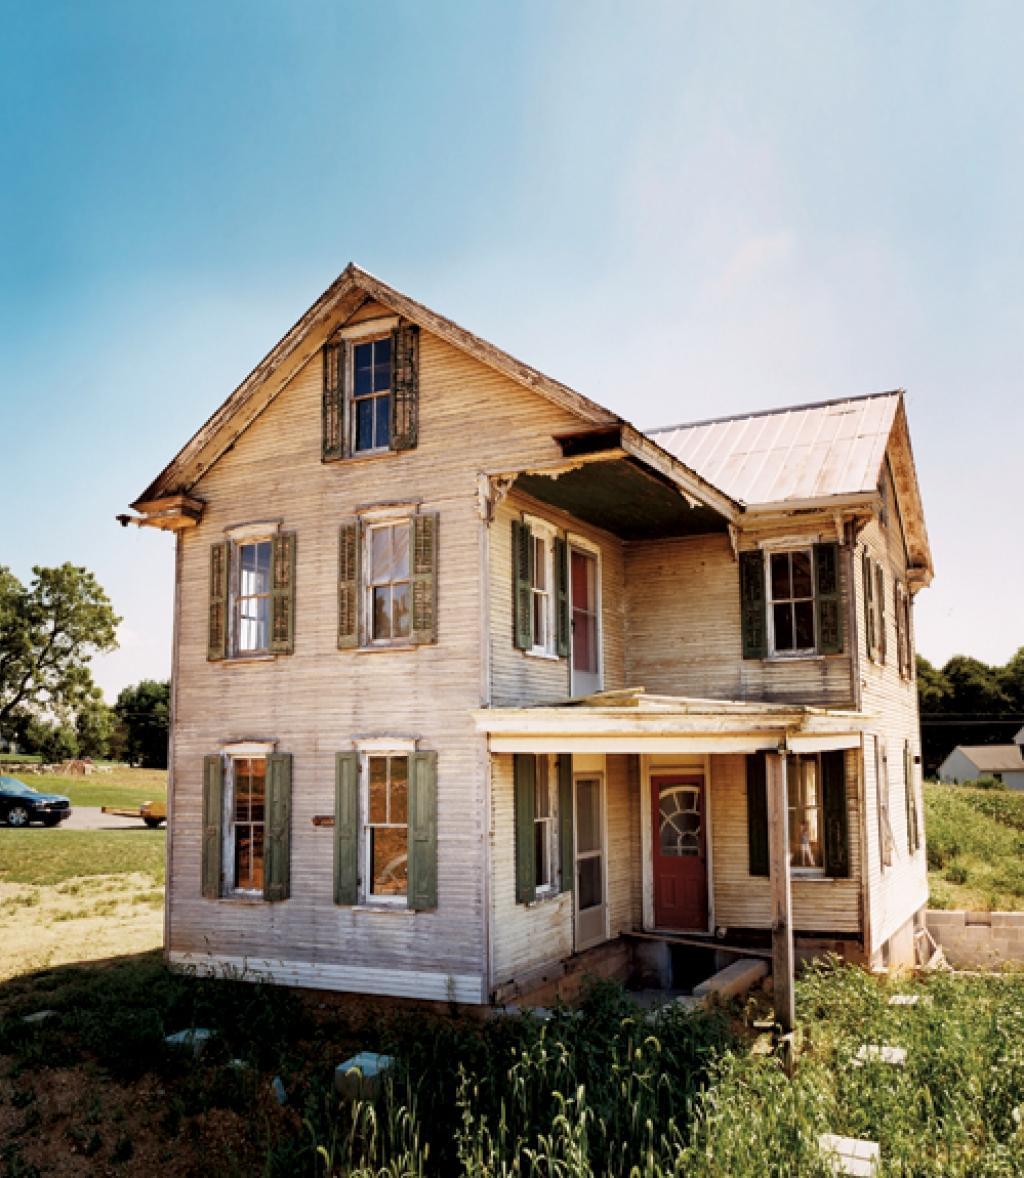 Comment une maison aussi laide peut-elle redevenir aussi belle ... - Maison Rénovée Avant Après